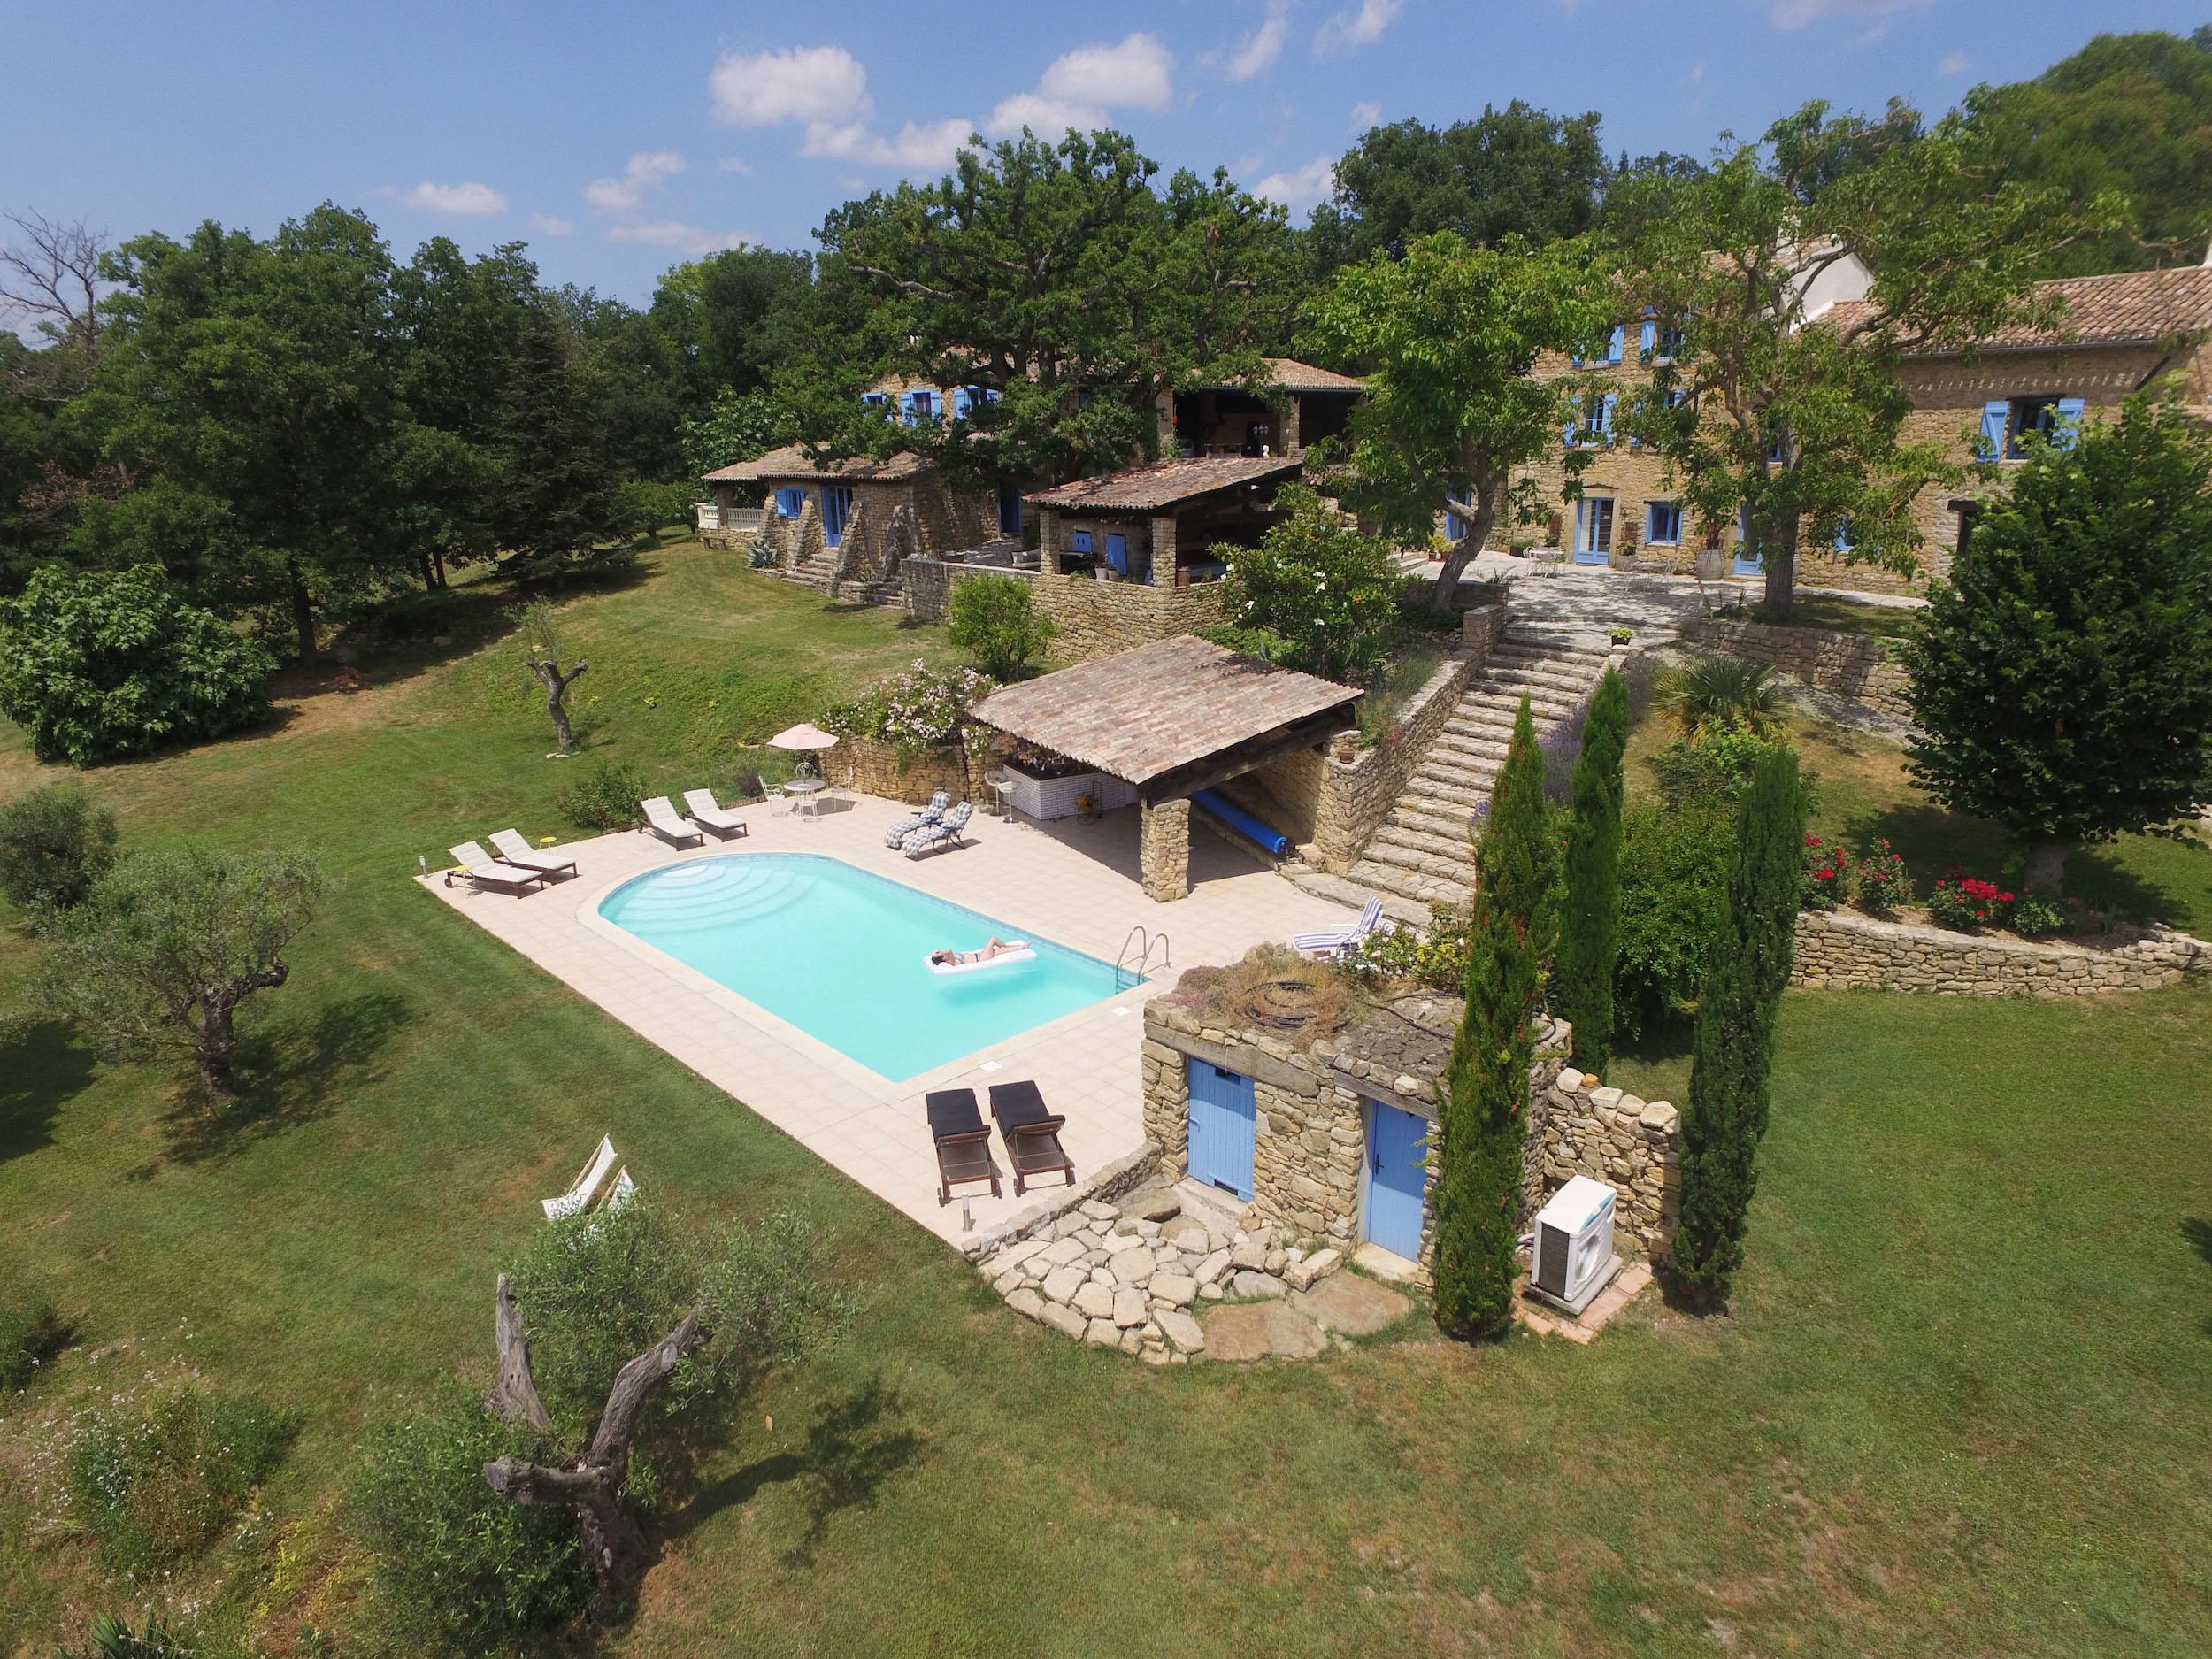 Pool & house.JPG